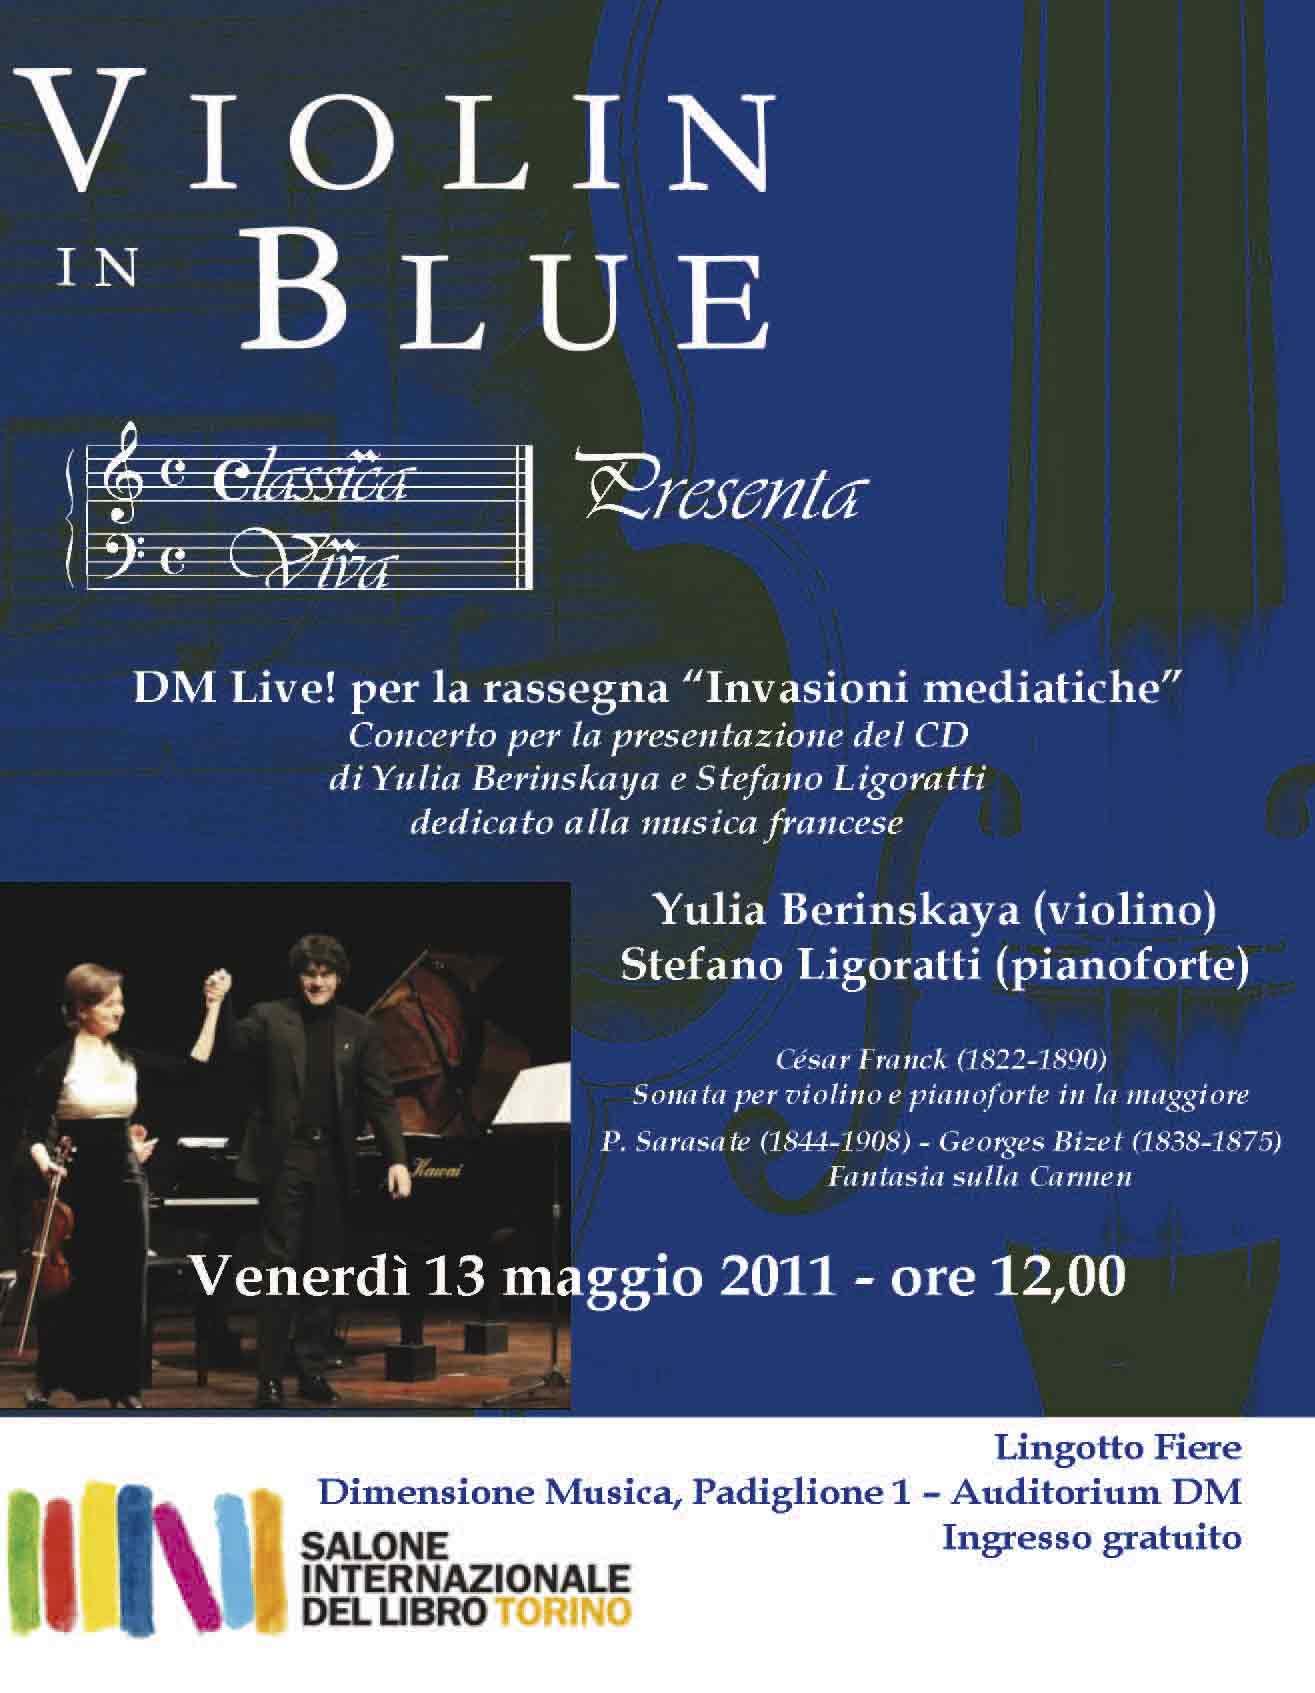 Concerto per la presentazione del CD di Yulia Berinskaya e Stefano Ligoratti (edizioni ClassicaViva) dedicato alla musica francese - Salone del Libro Torino 2011